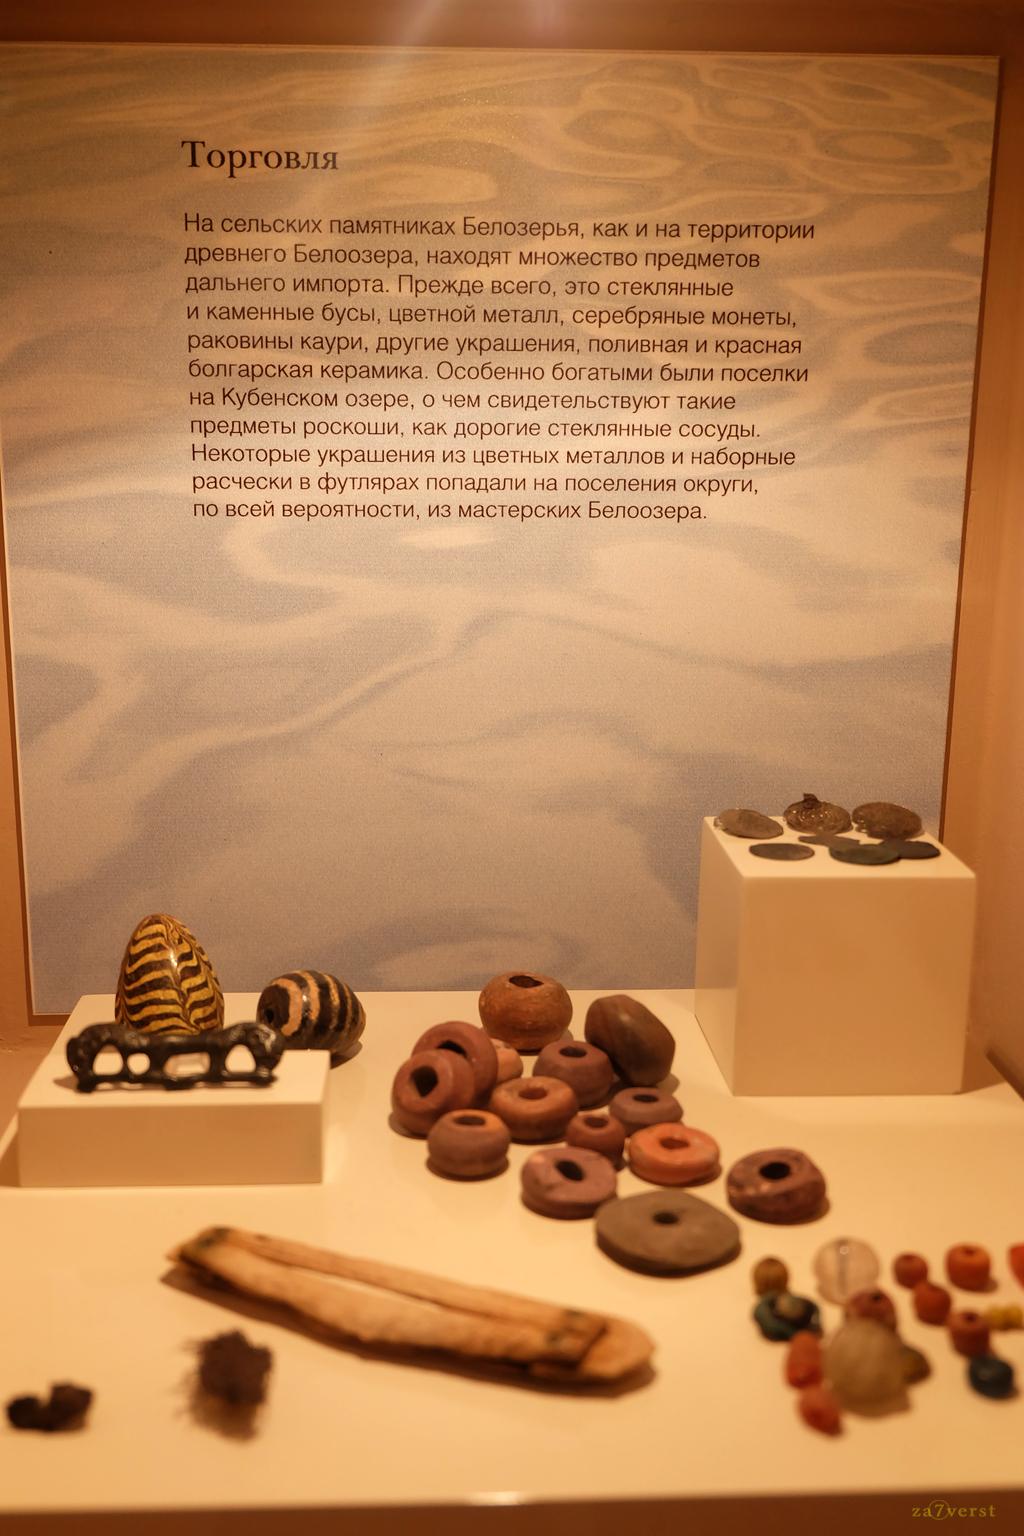 Кирилло-Белозерский монастырь, торговля